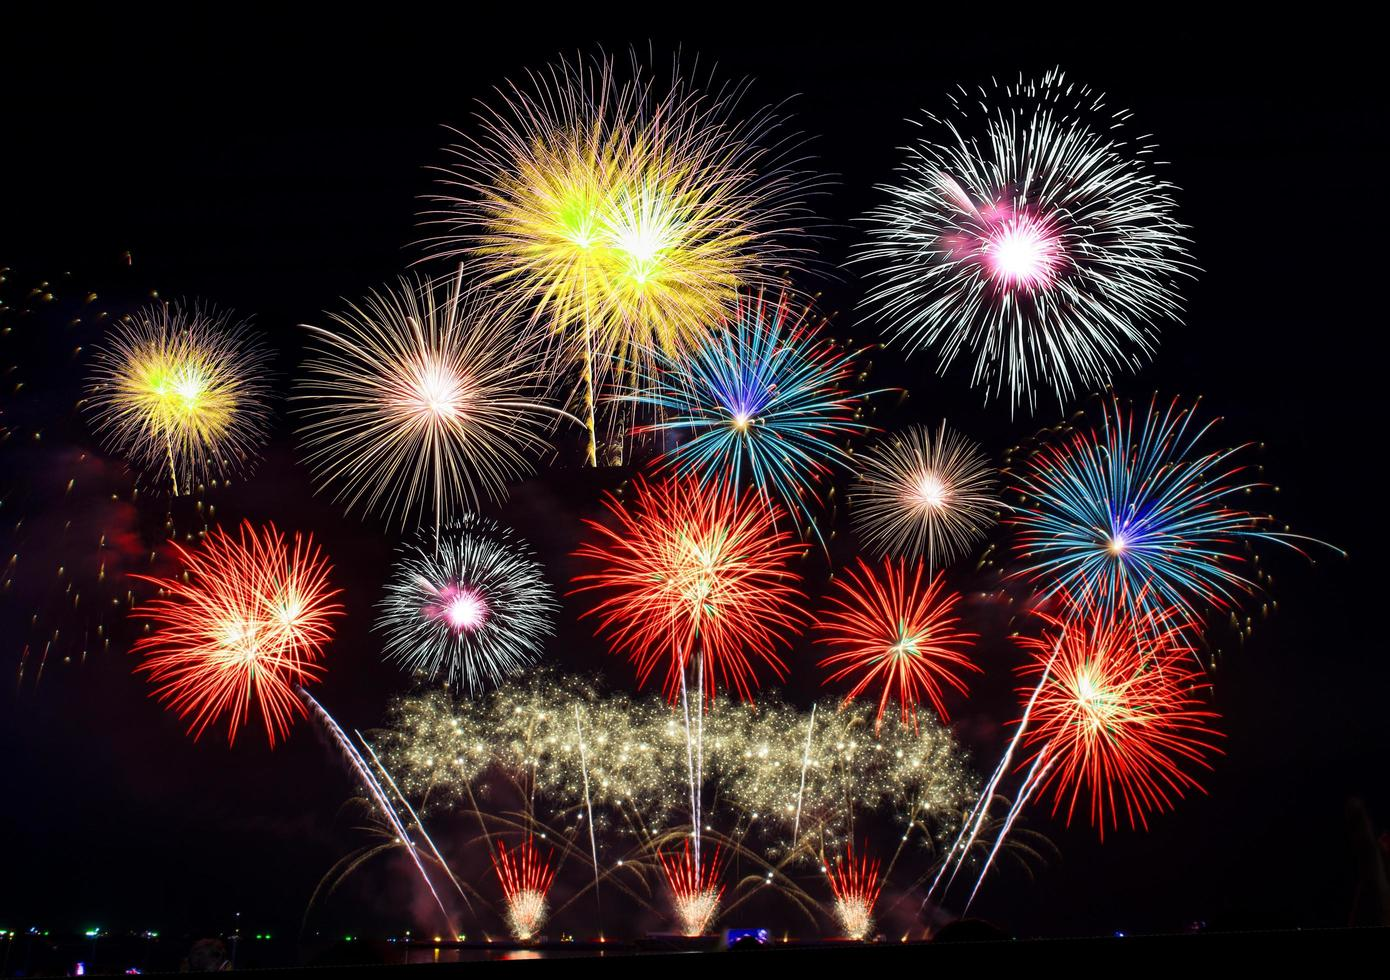 bunte Feuerwerksshow foto